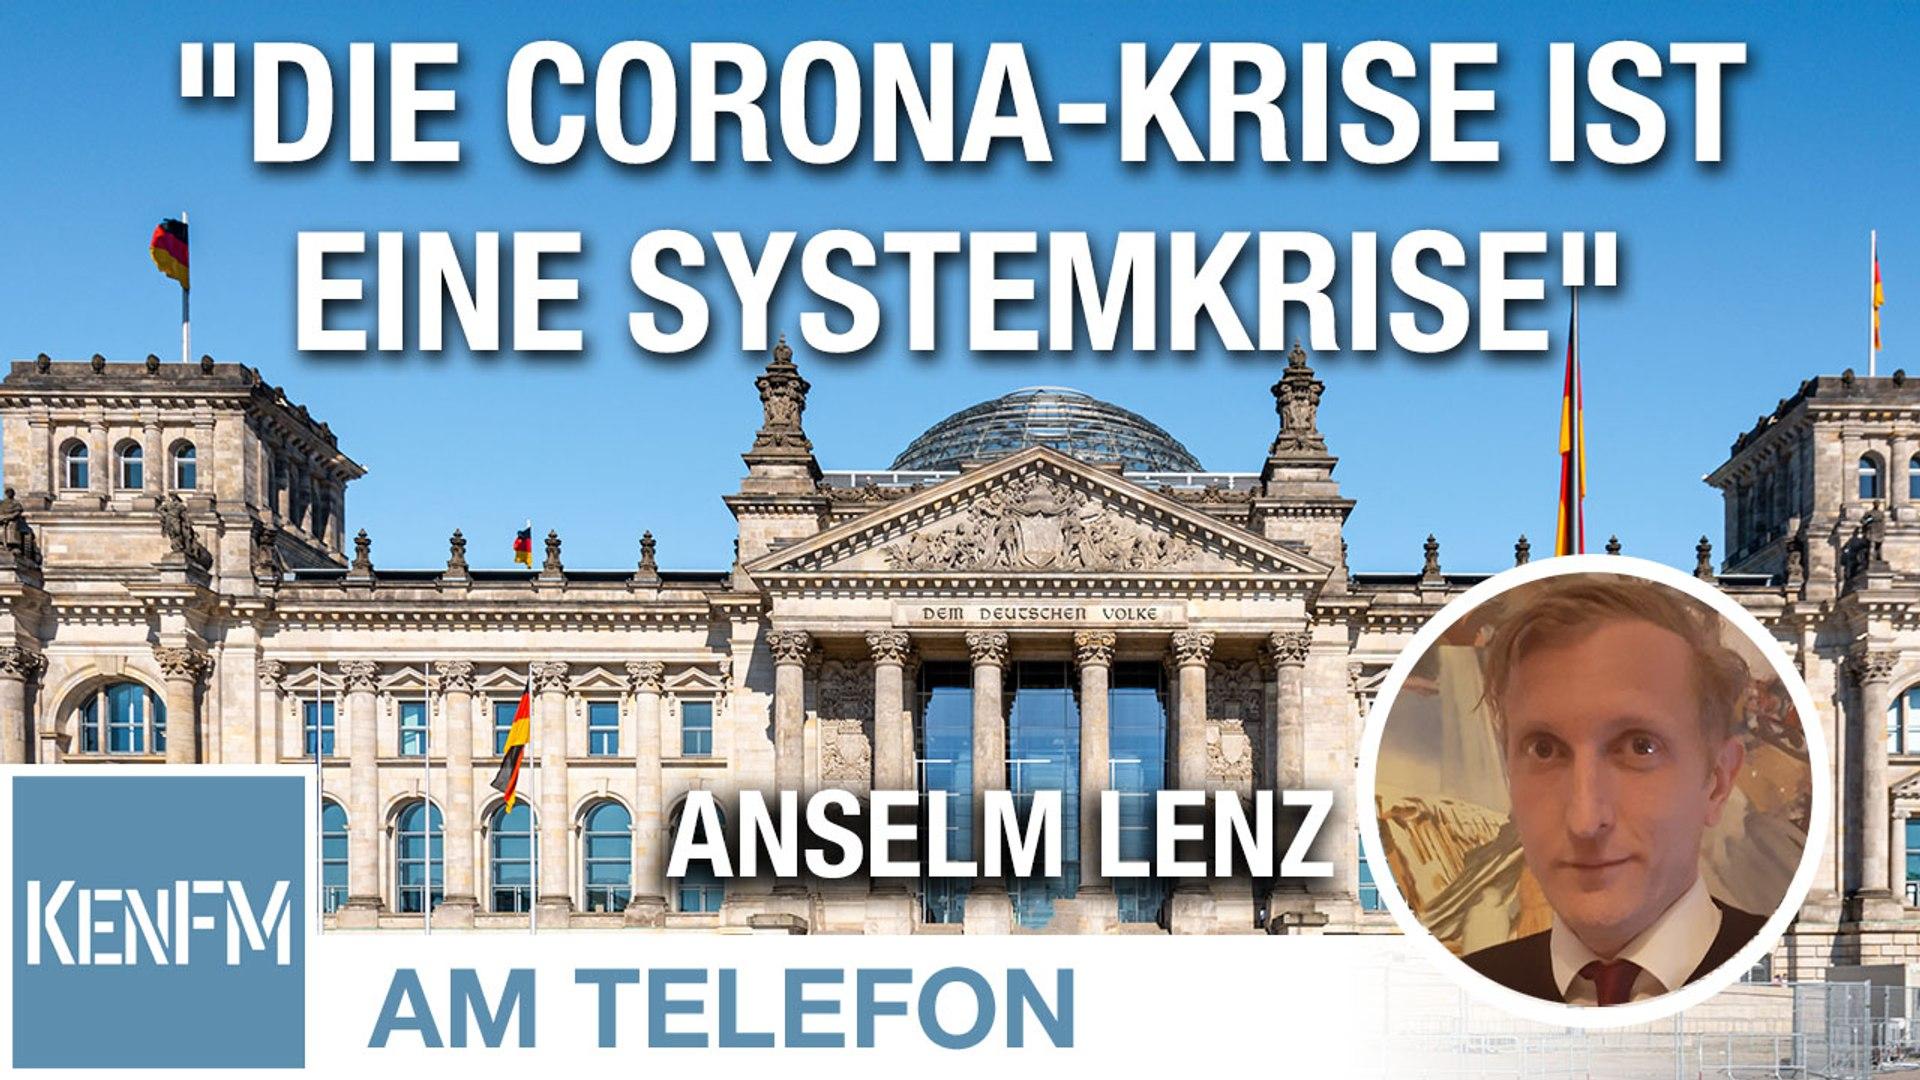 """Am Telefon zu """"Die Corona-Krise ist eine Systemkrise"""": Anselm Lenz"""